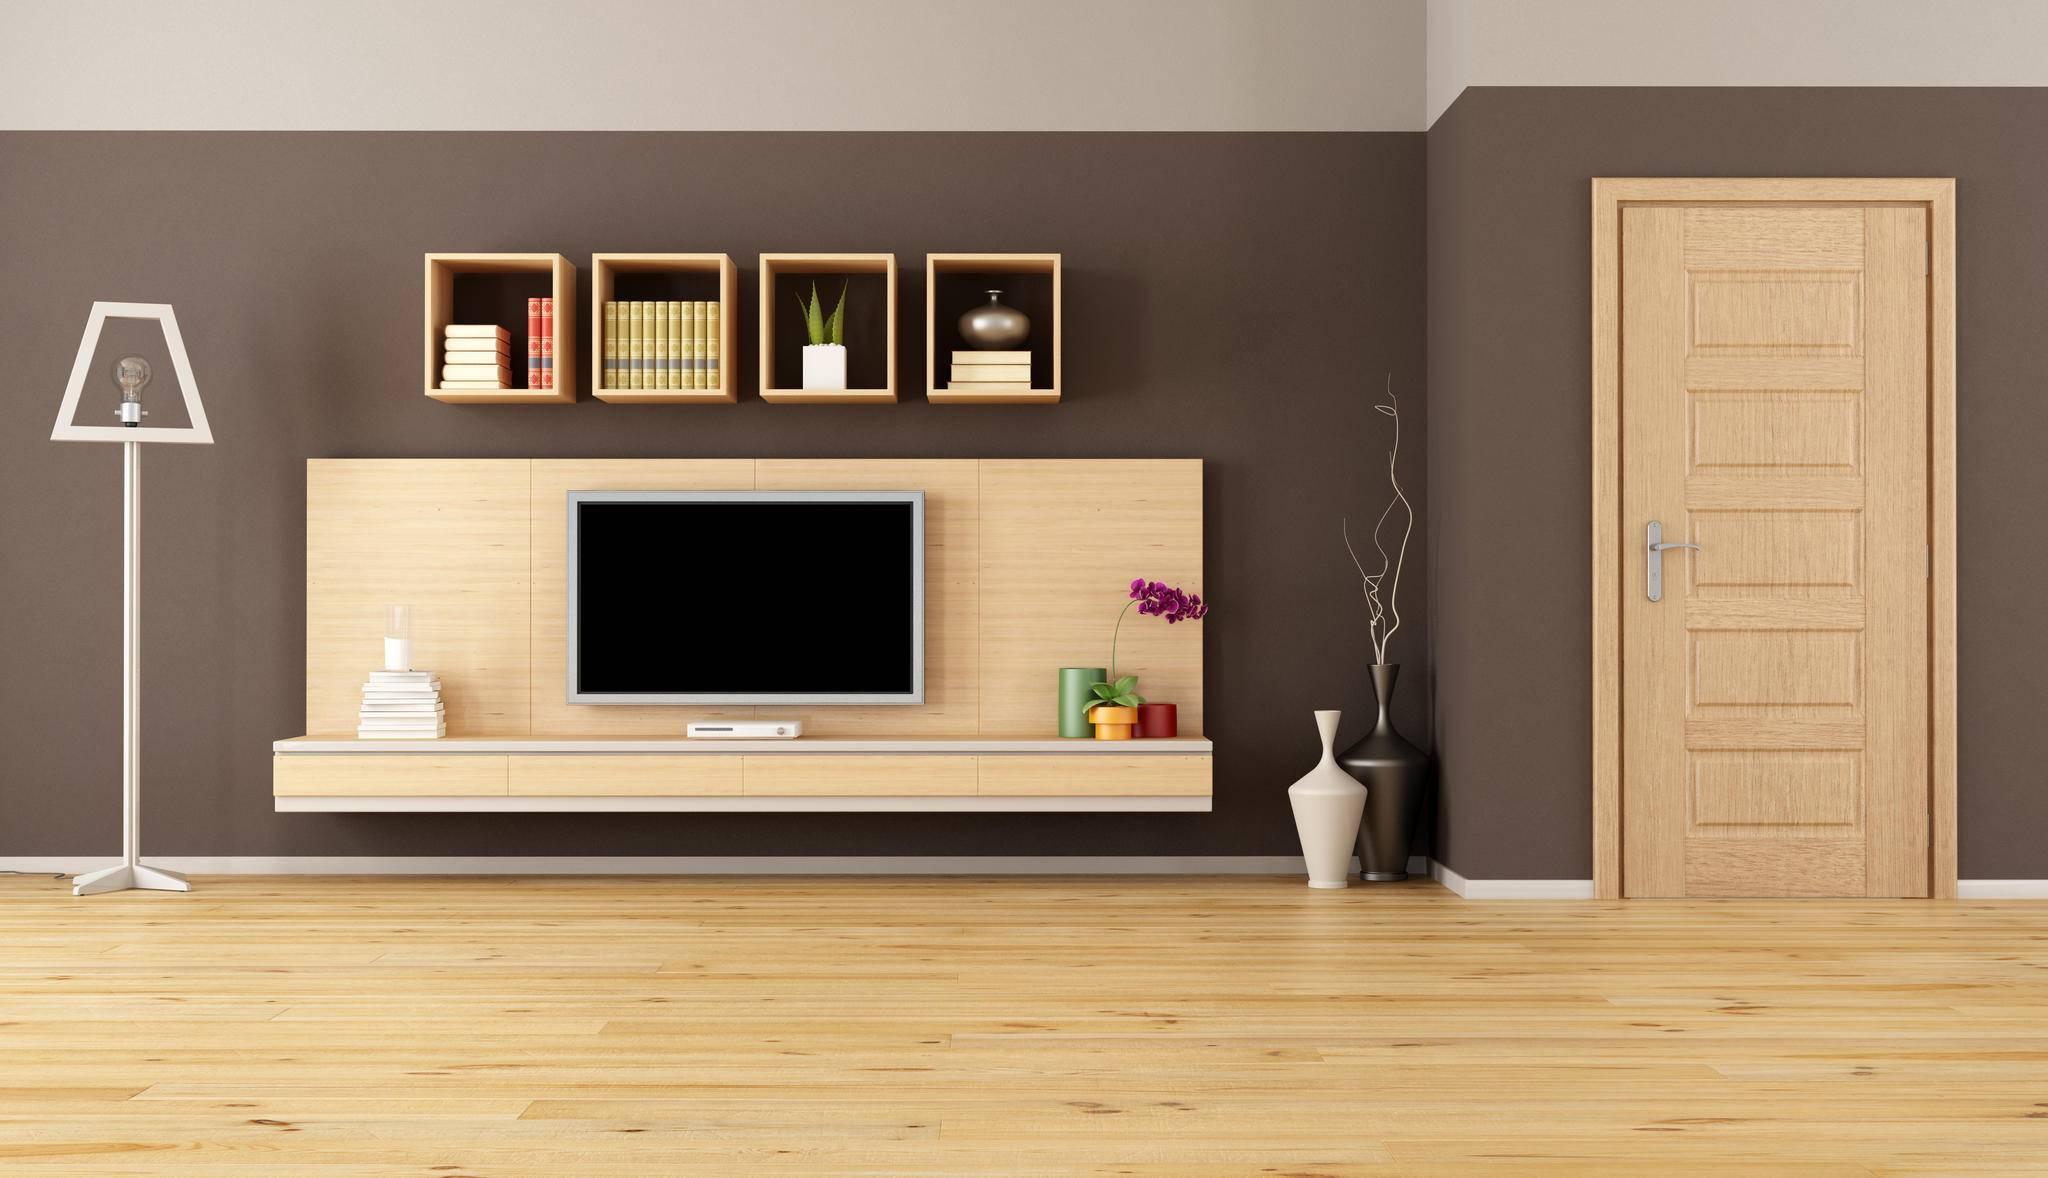 Ein Fernseher Kann Mit Dem Richtigen Schrank Schn Ins Wohnzimmer Integriert Werden